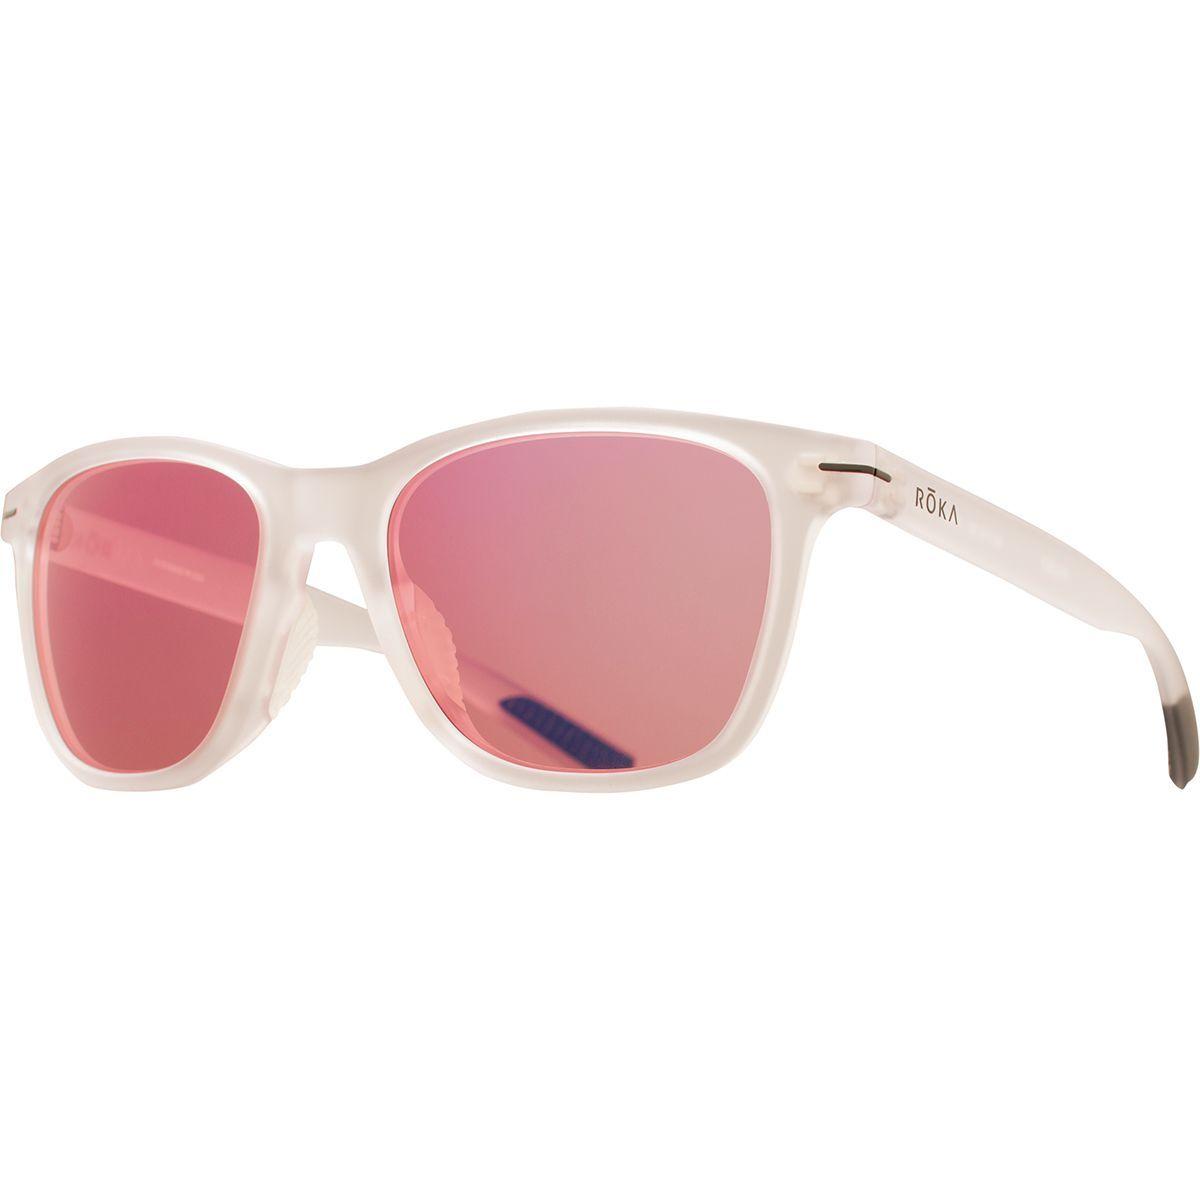 c28996ff8895e 10 Best Sunglasses for Women 2018 - Sunglasses for UV Protection